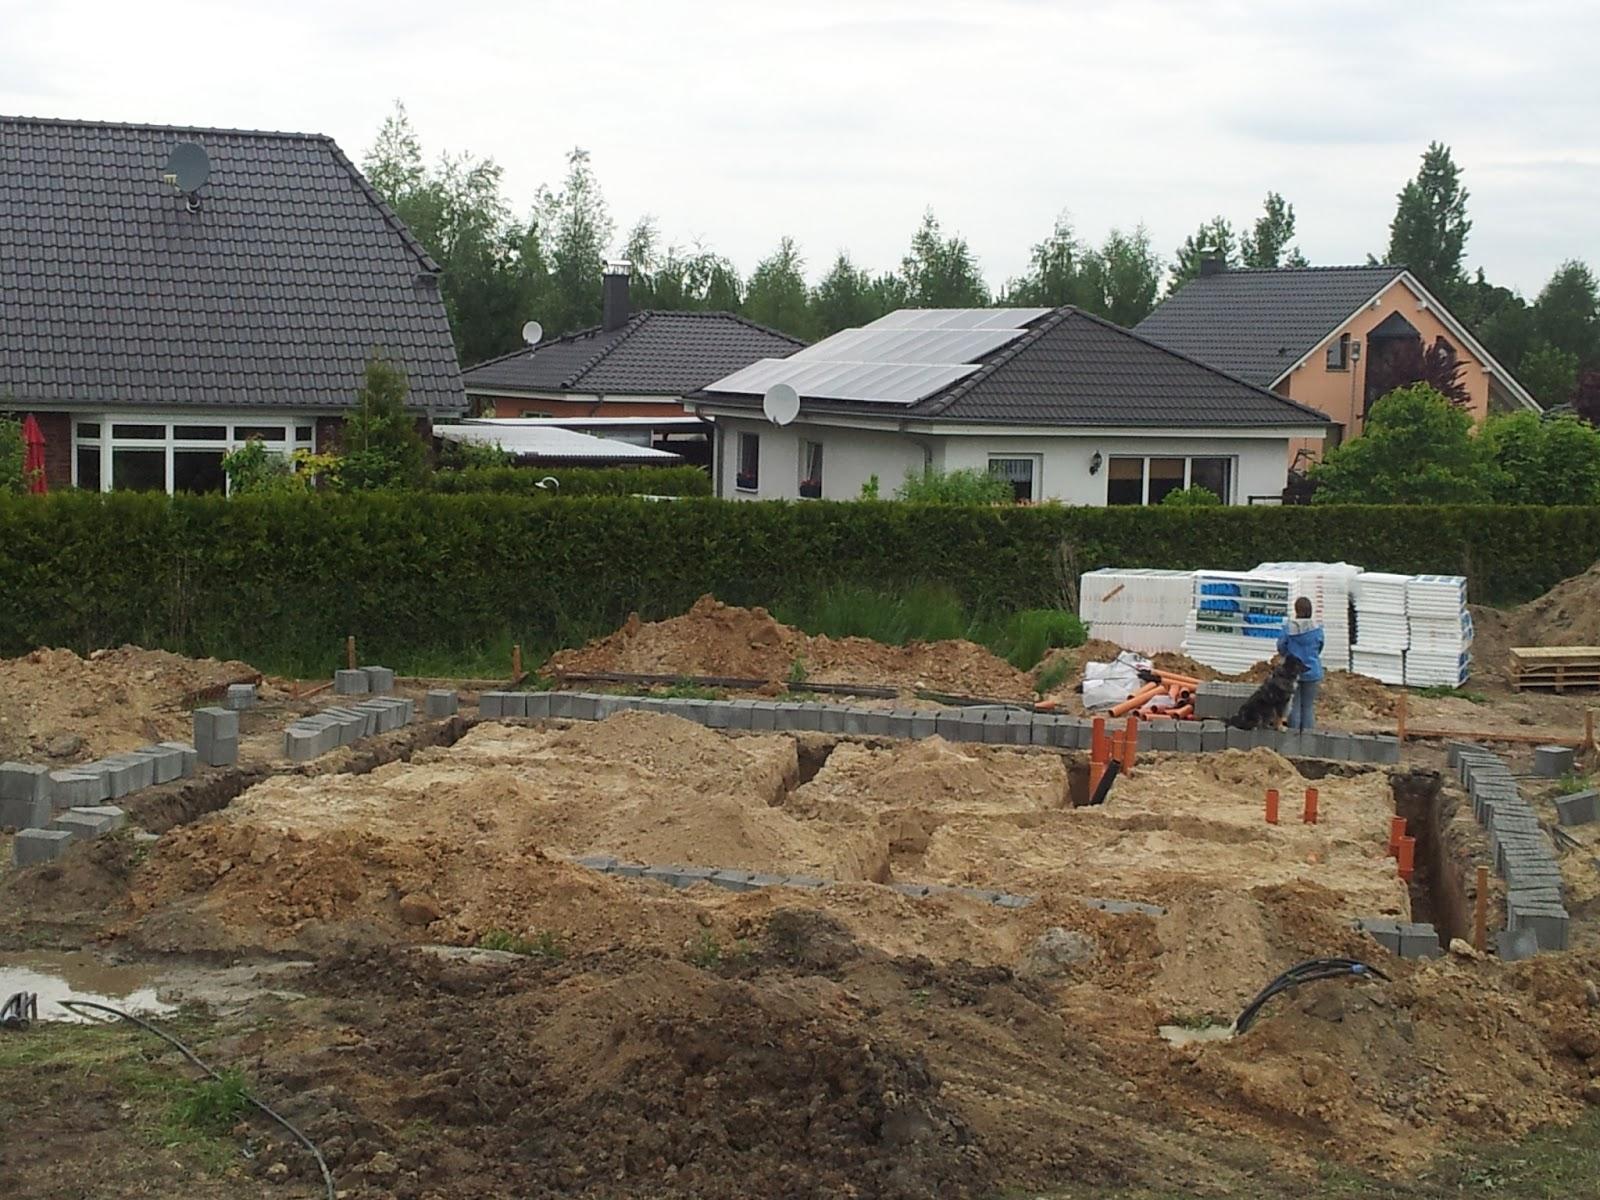 Bautagebuch - Unser Hausbau Mit City-Haus: 24.5. Das